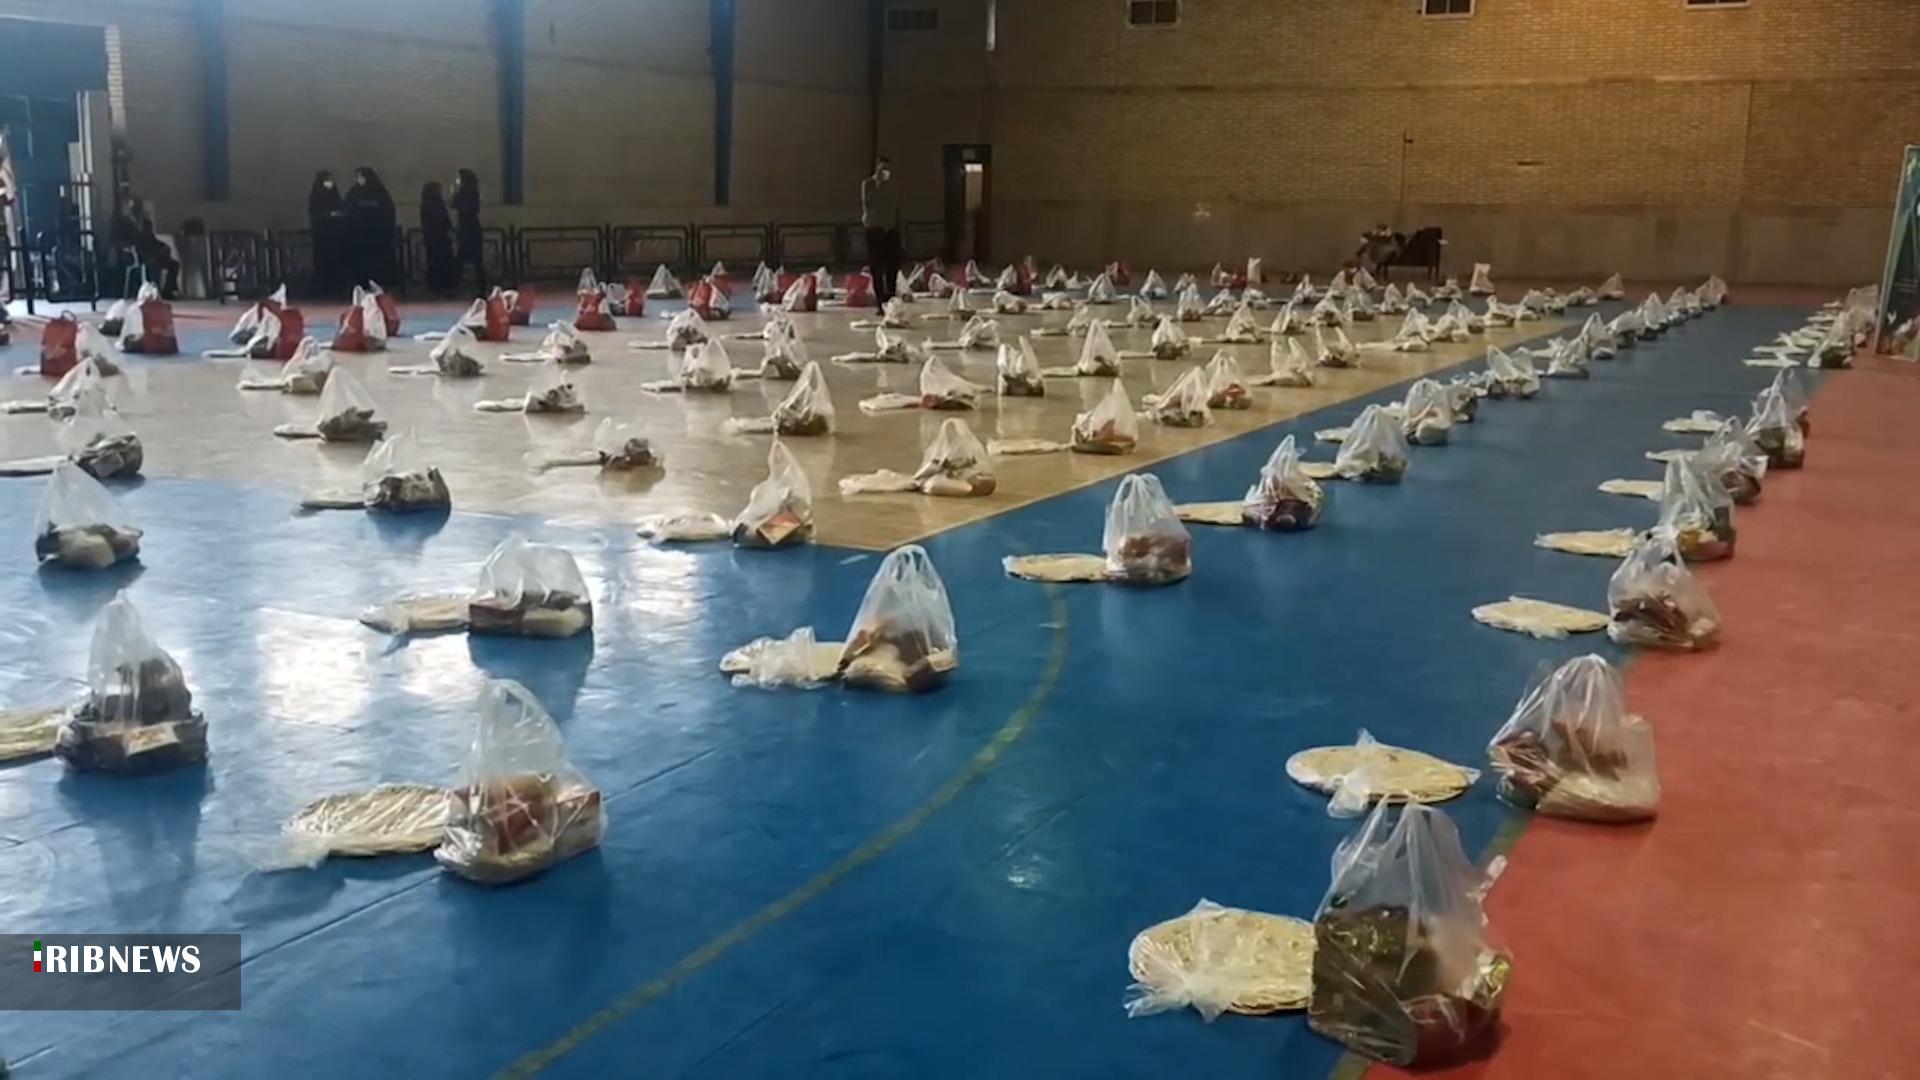 بنیاد آبشار عاطفههاو پایگاه بسیج شهید منتظری وزوان :توزیع بیش از ۳۵۰ بسته معیشتی و بهداشتی